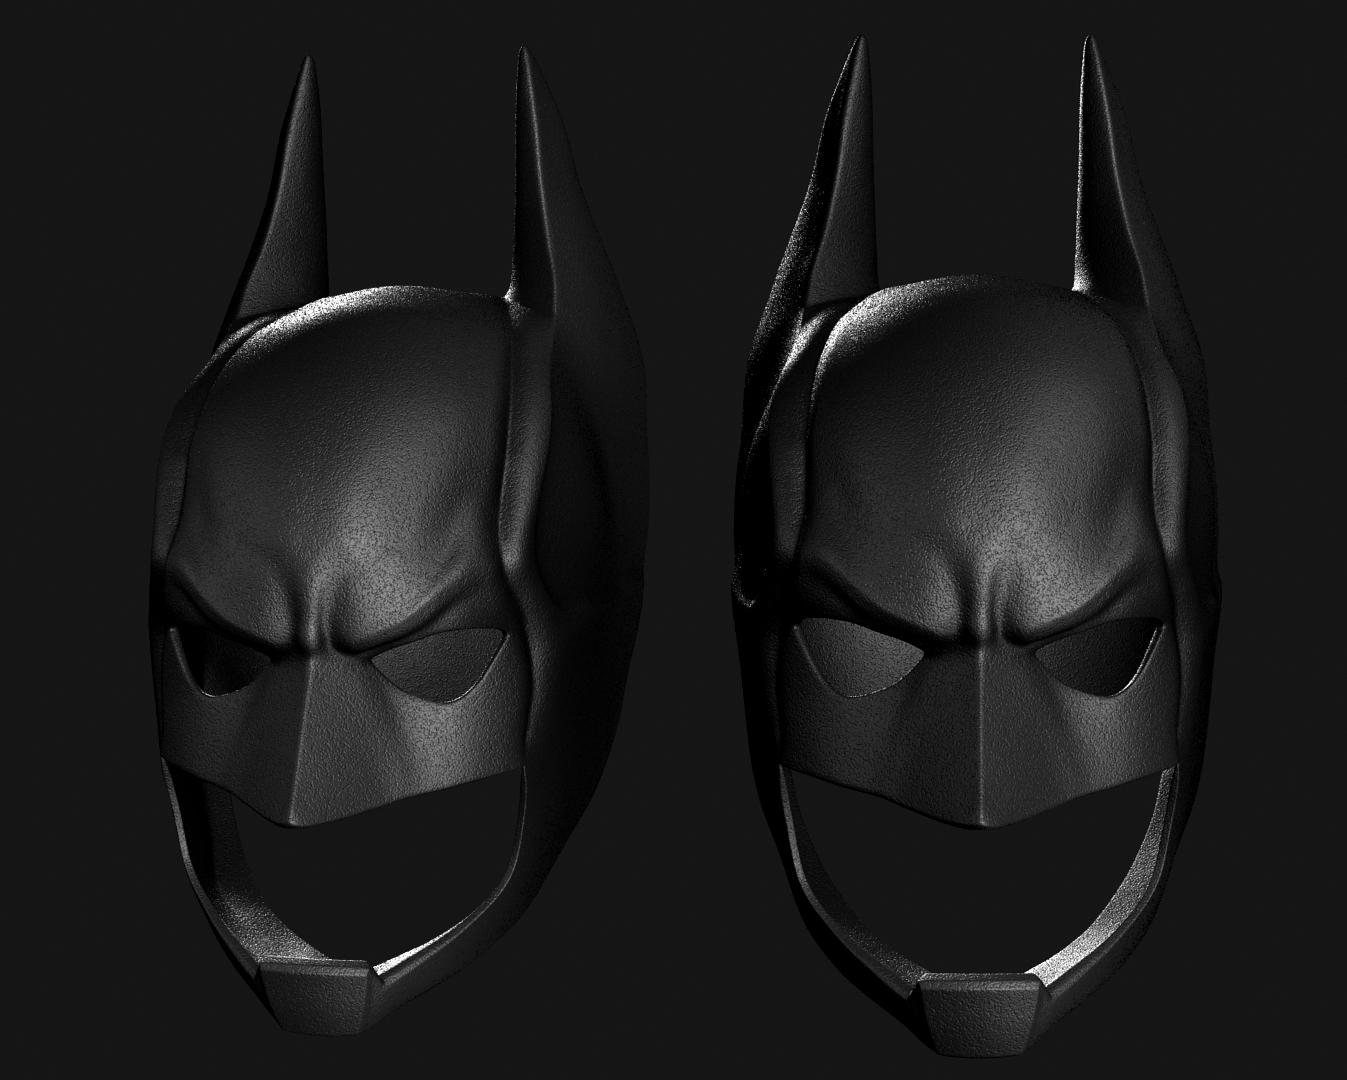 Batman_COS_05C_Comp.jpg